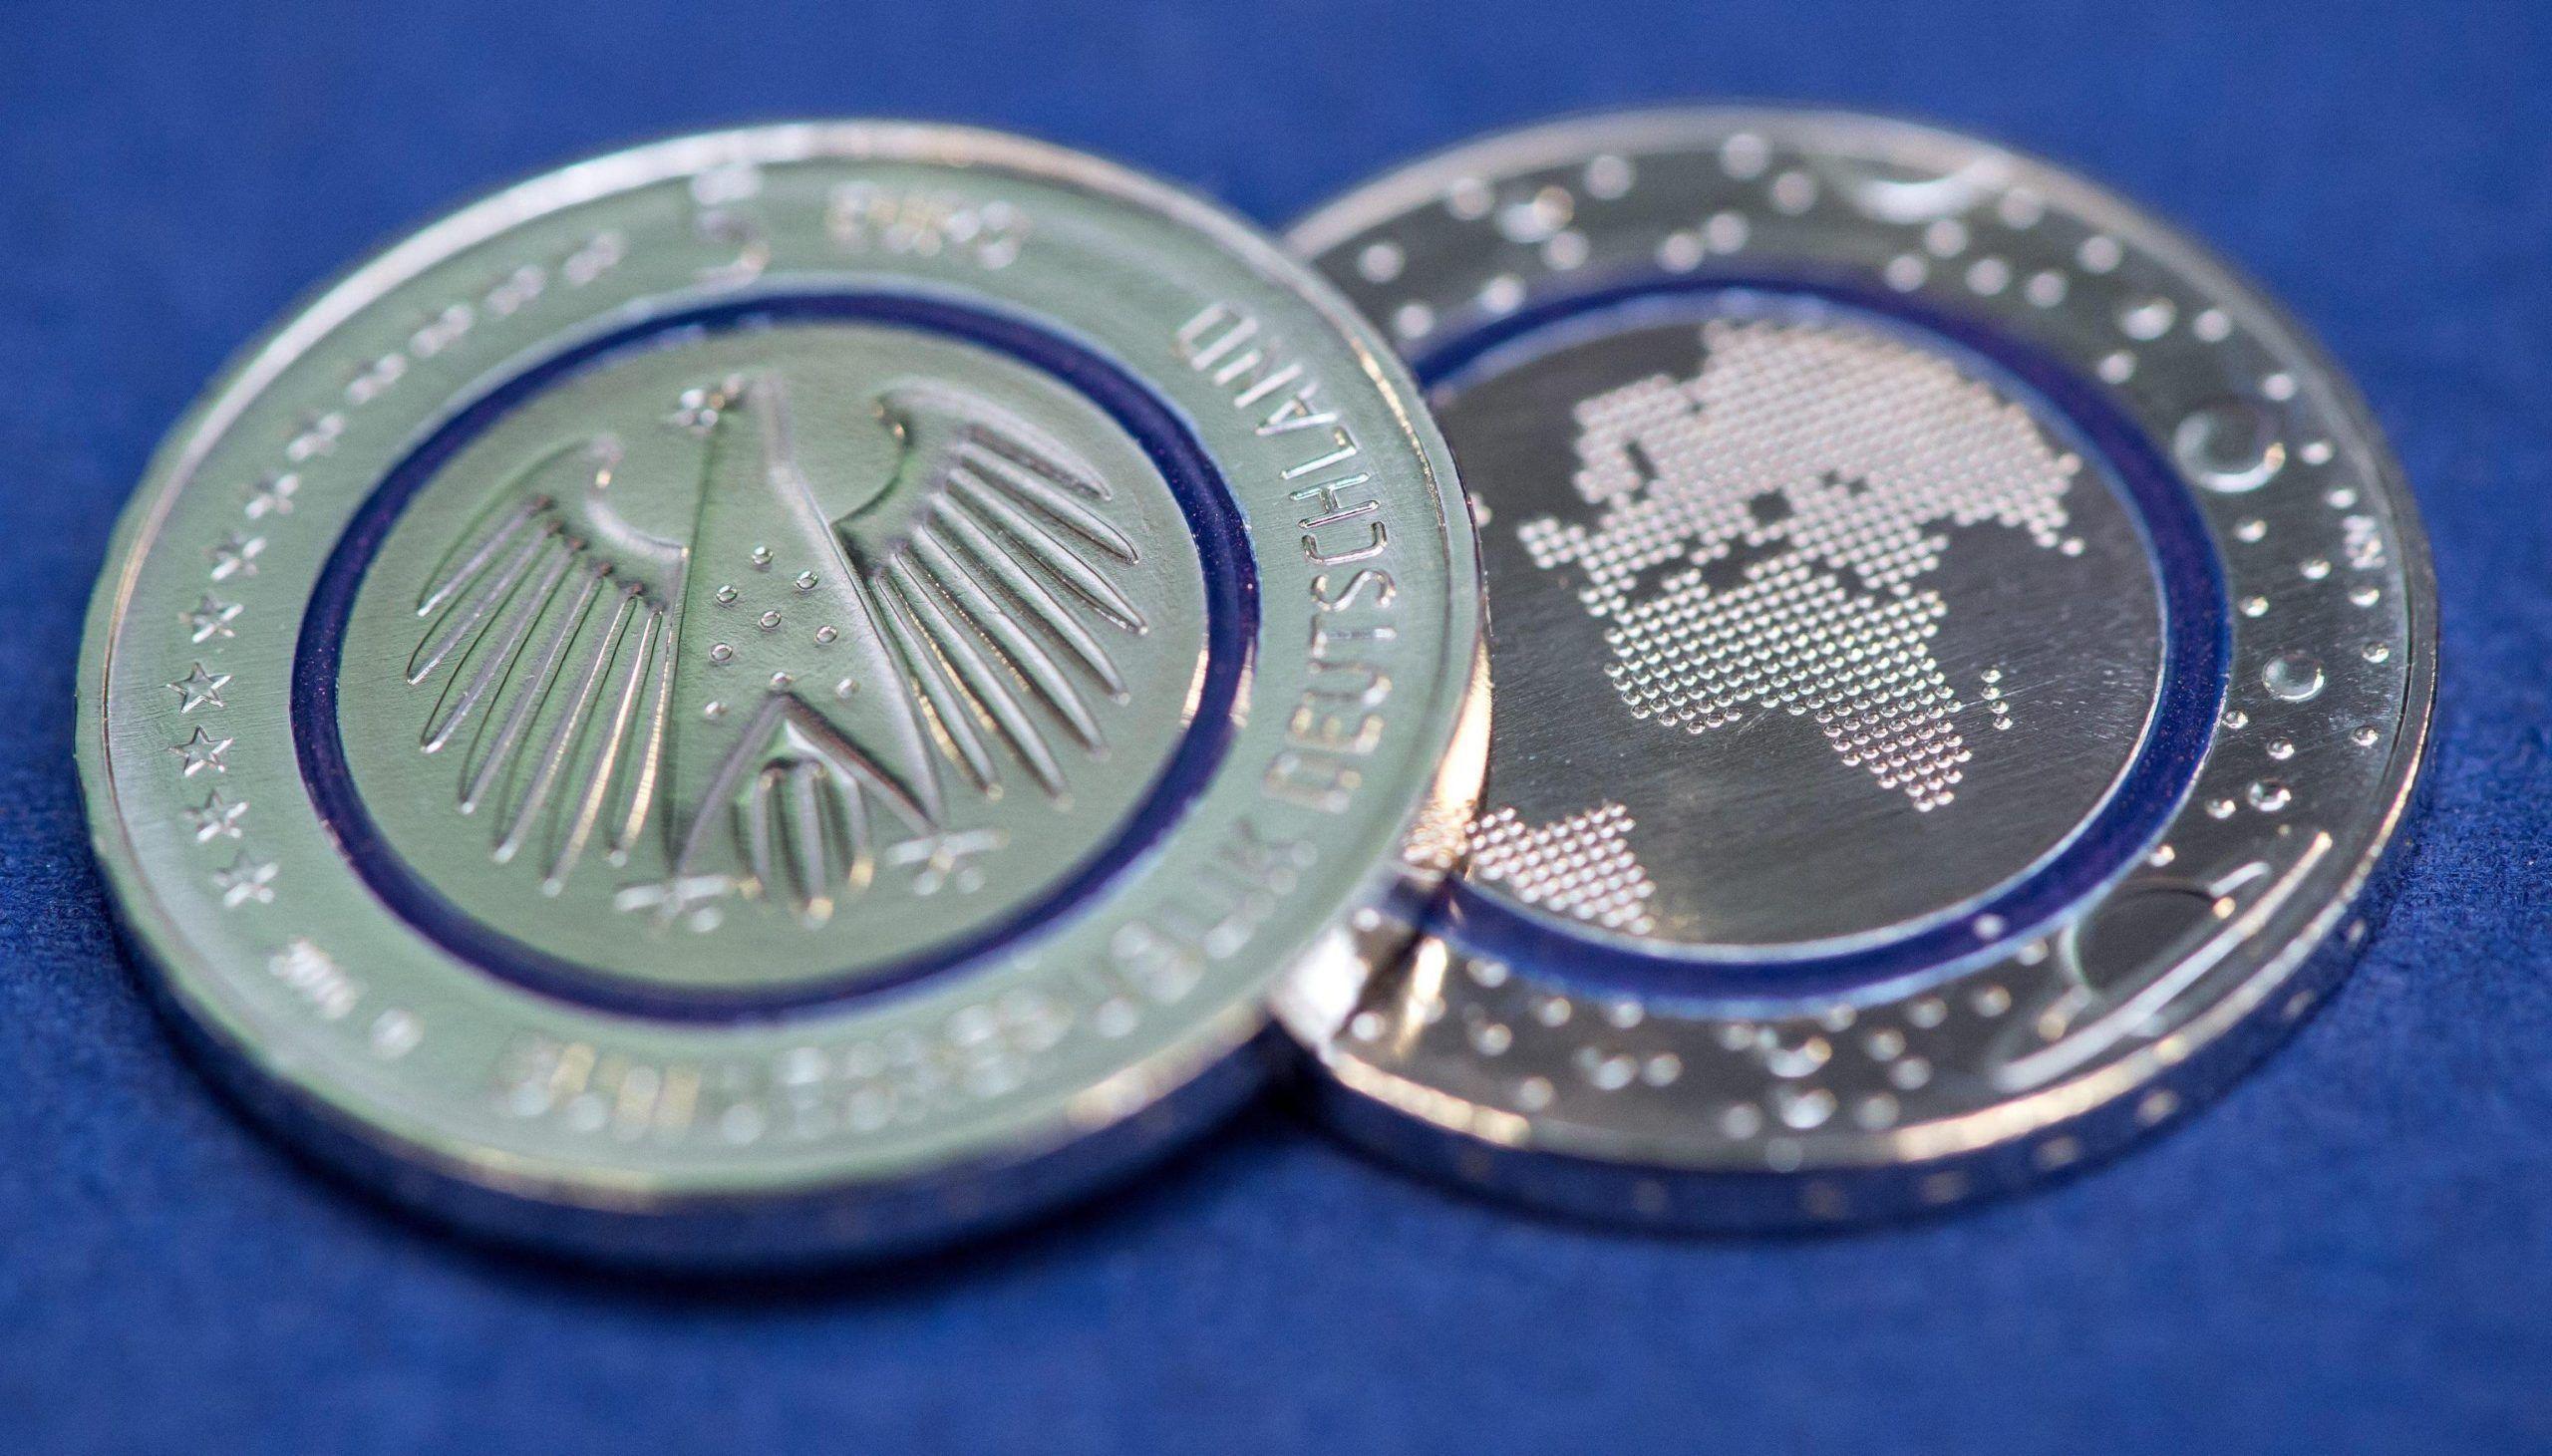 La Germania conia una moneta da 5 euro, ma vale solo entro i confini del Paese